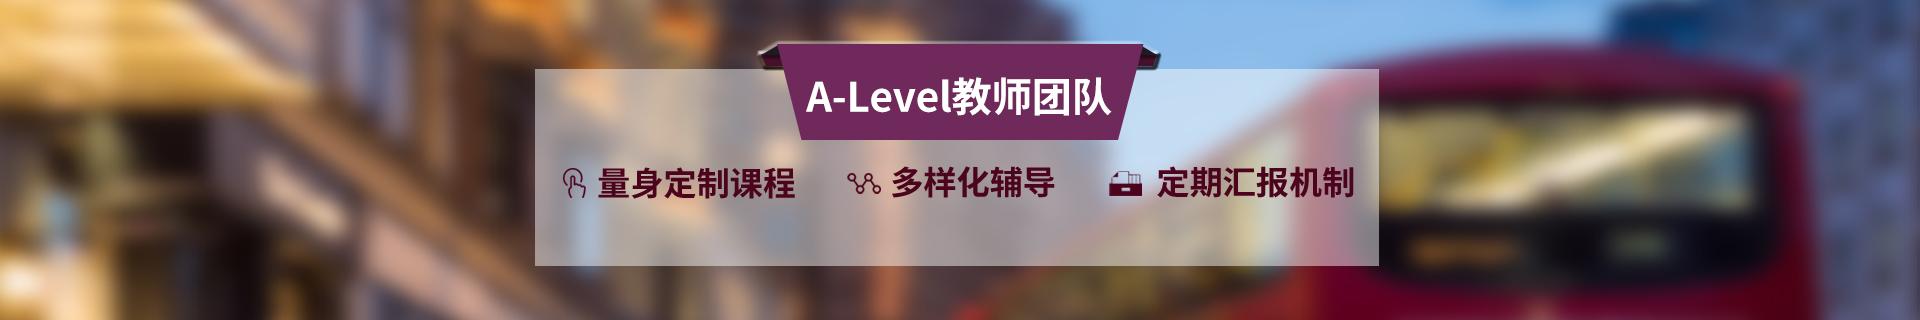 广州天河大学城新航道英语培训